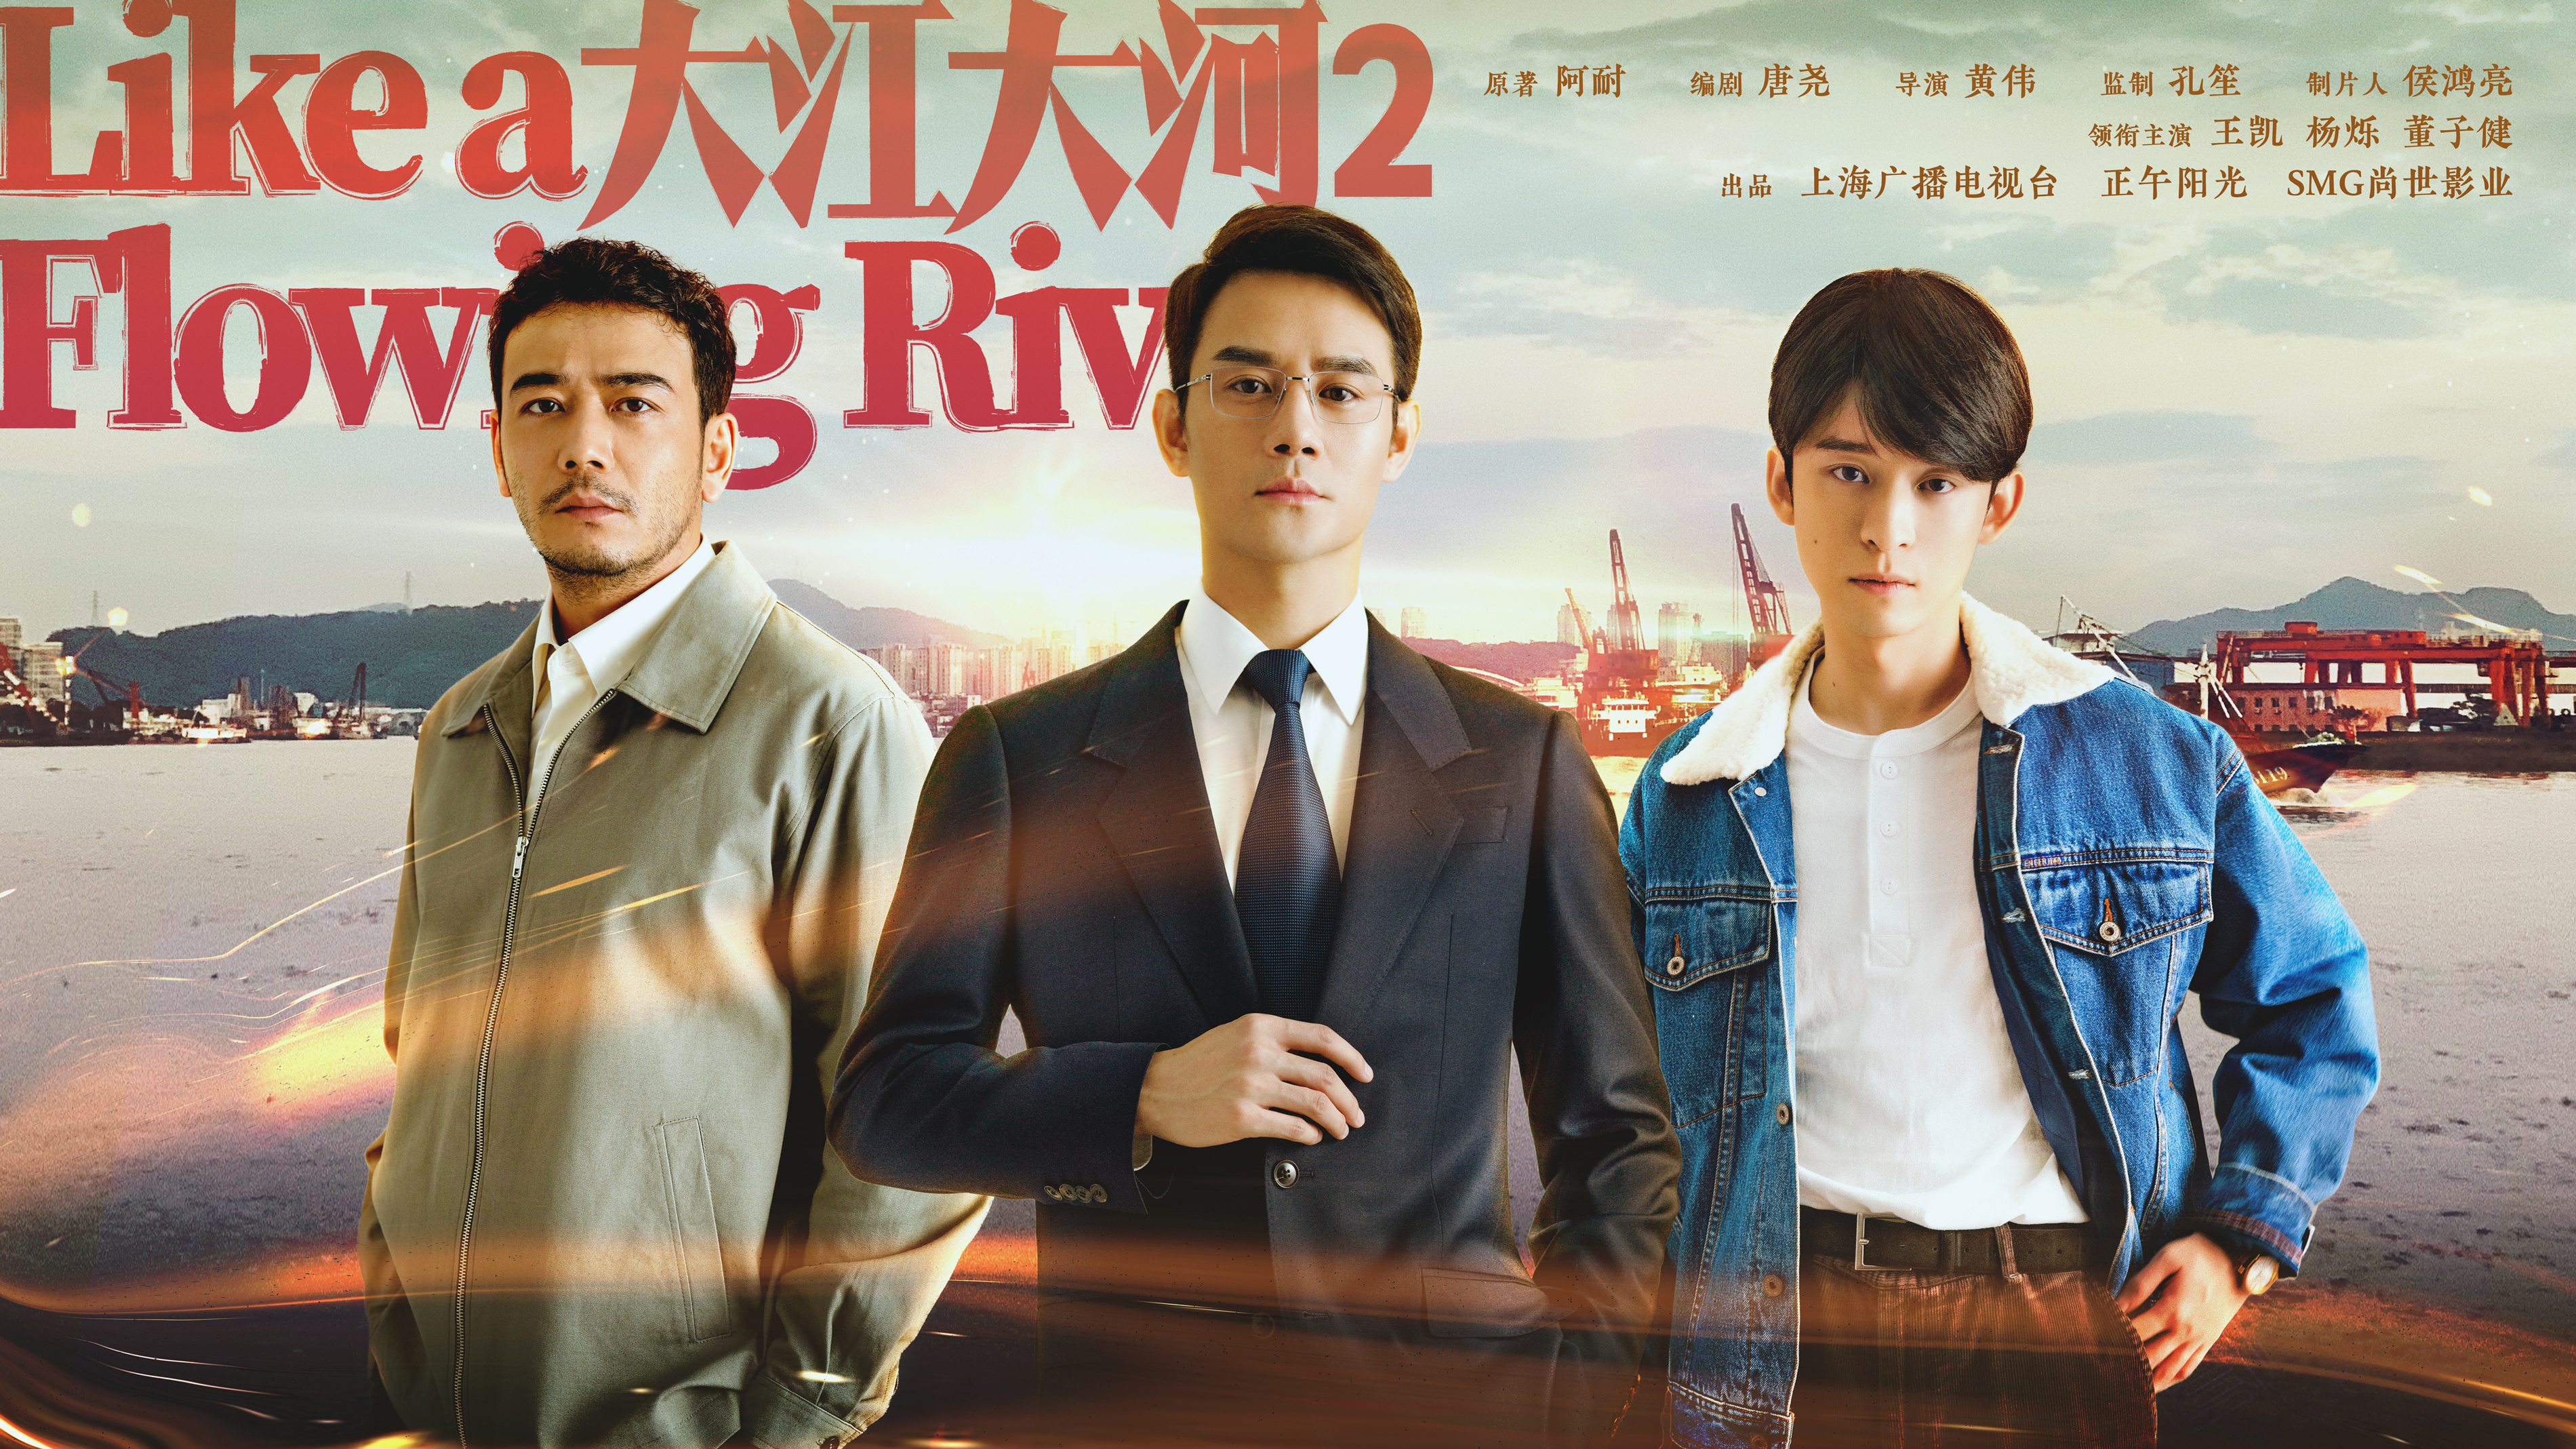 《大江大河2》最受期待,孙俪江疏影各有新剧,3部都市剧蓄势待发!